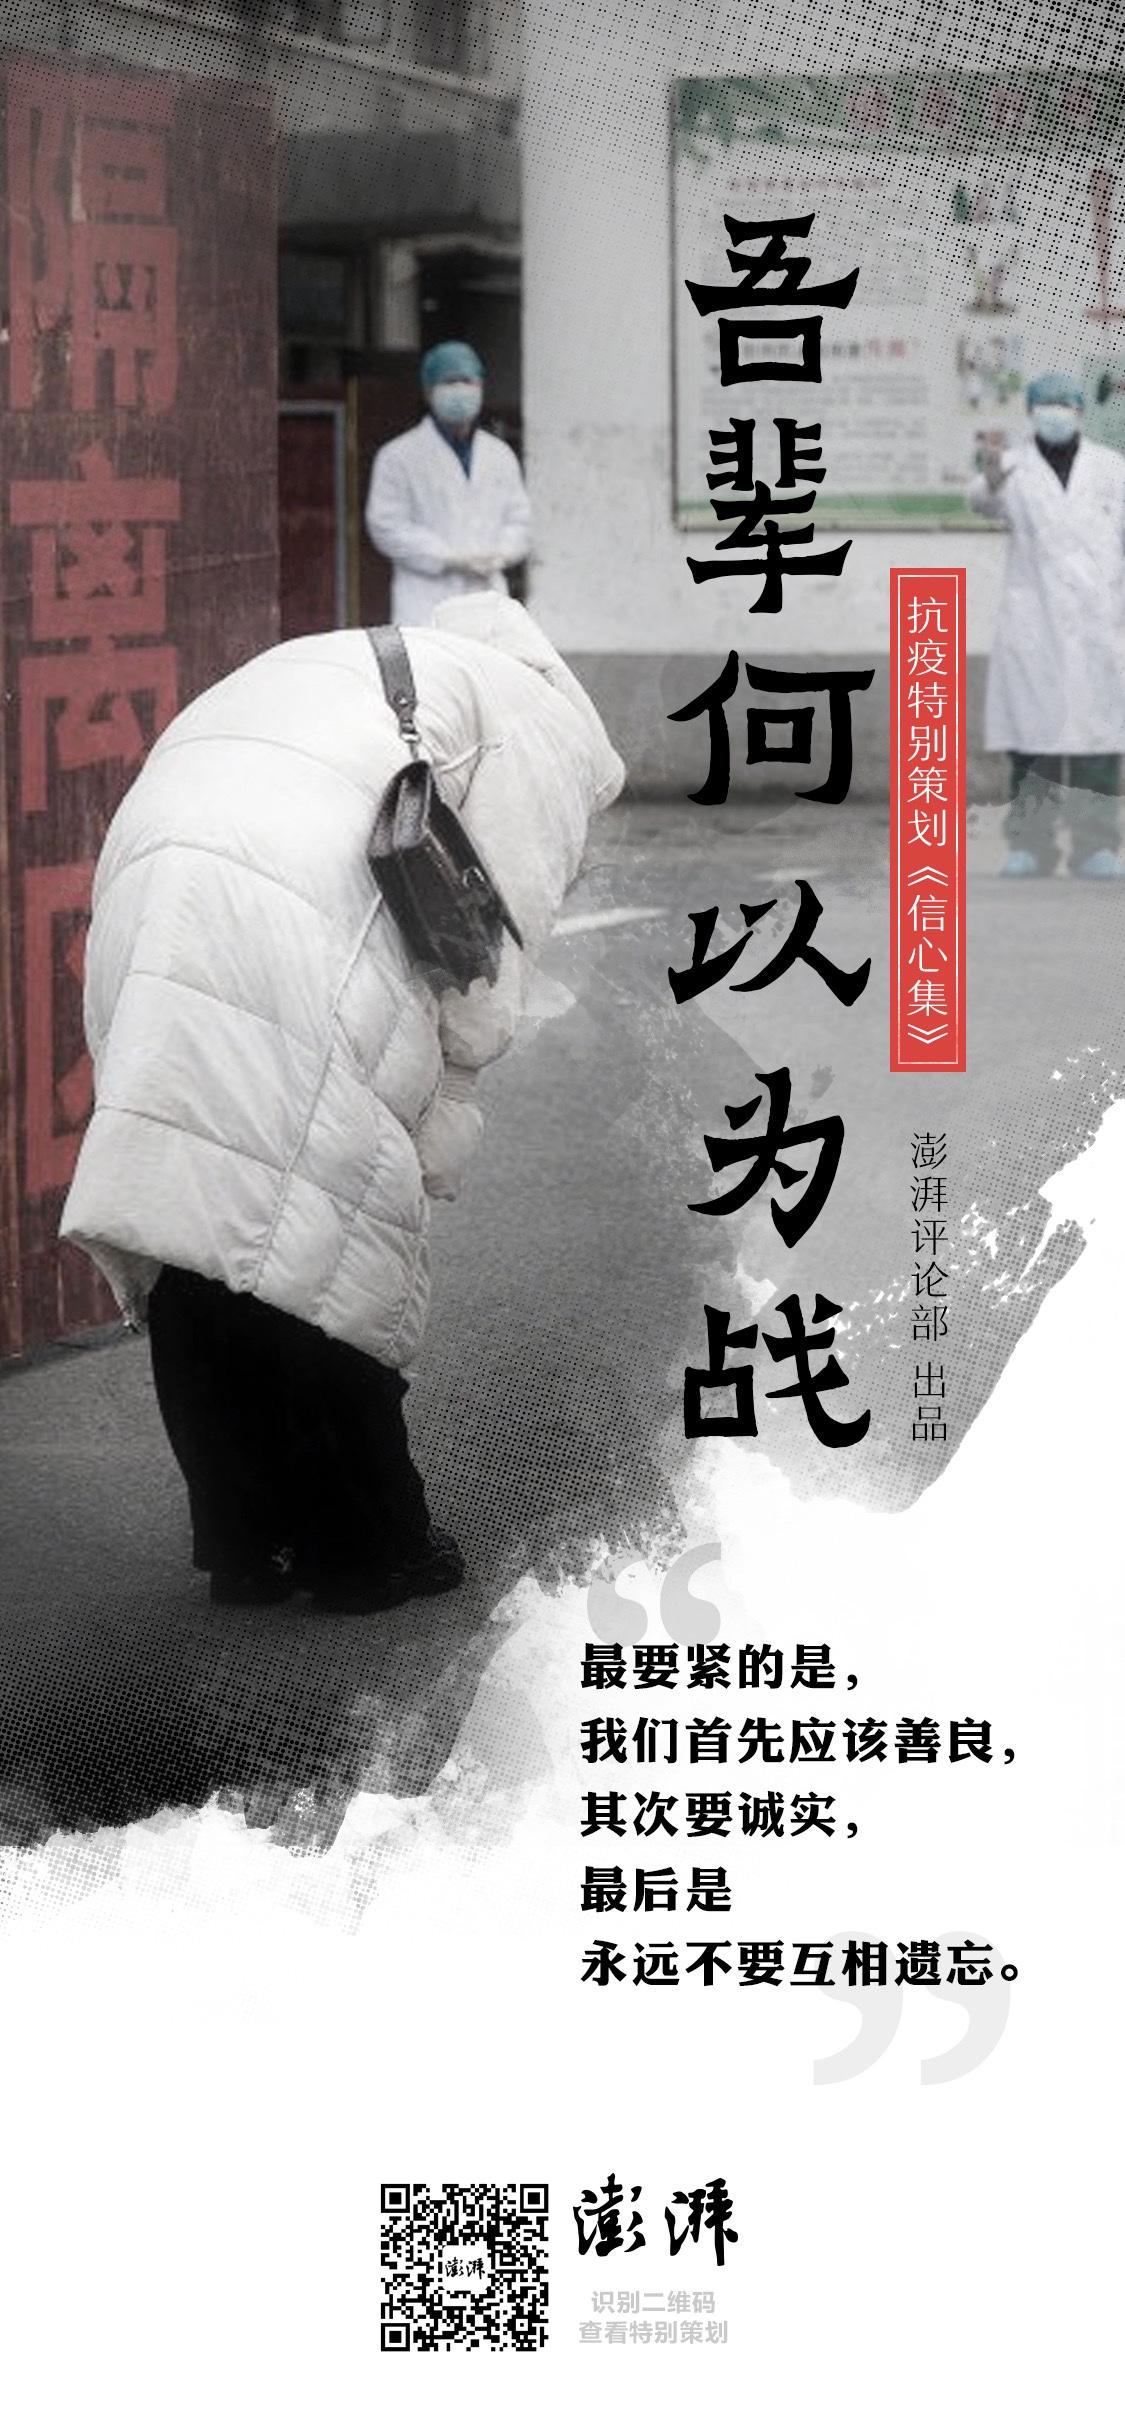 澎湃新闻:为什么说中国一定能战胜新冠肺炎疫情